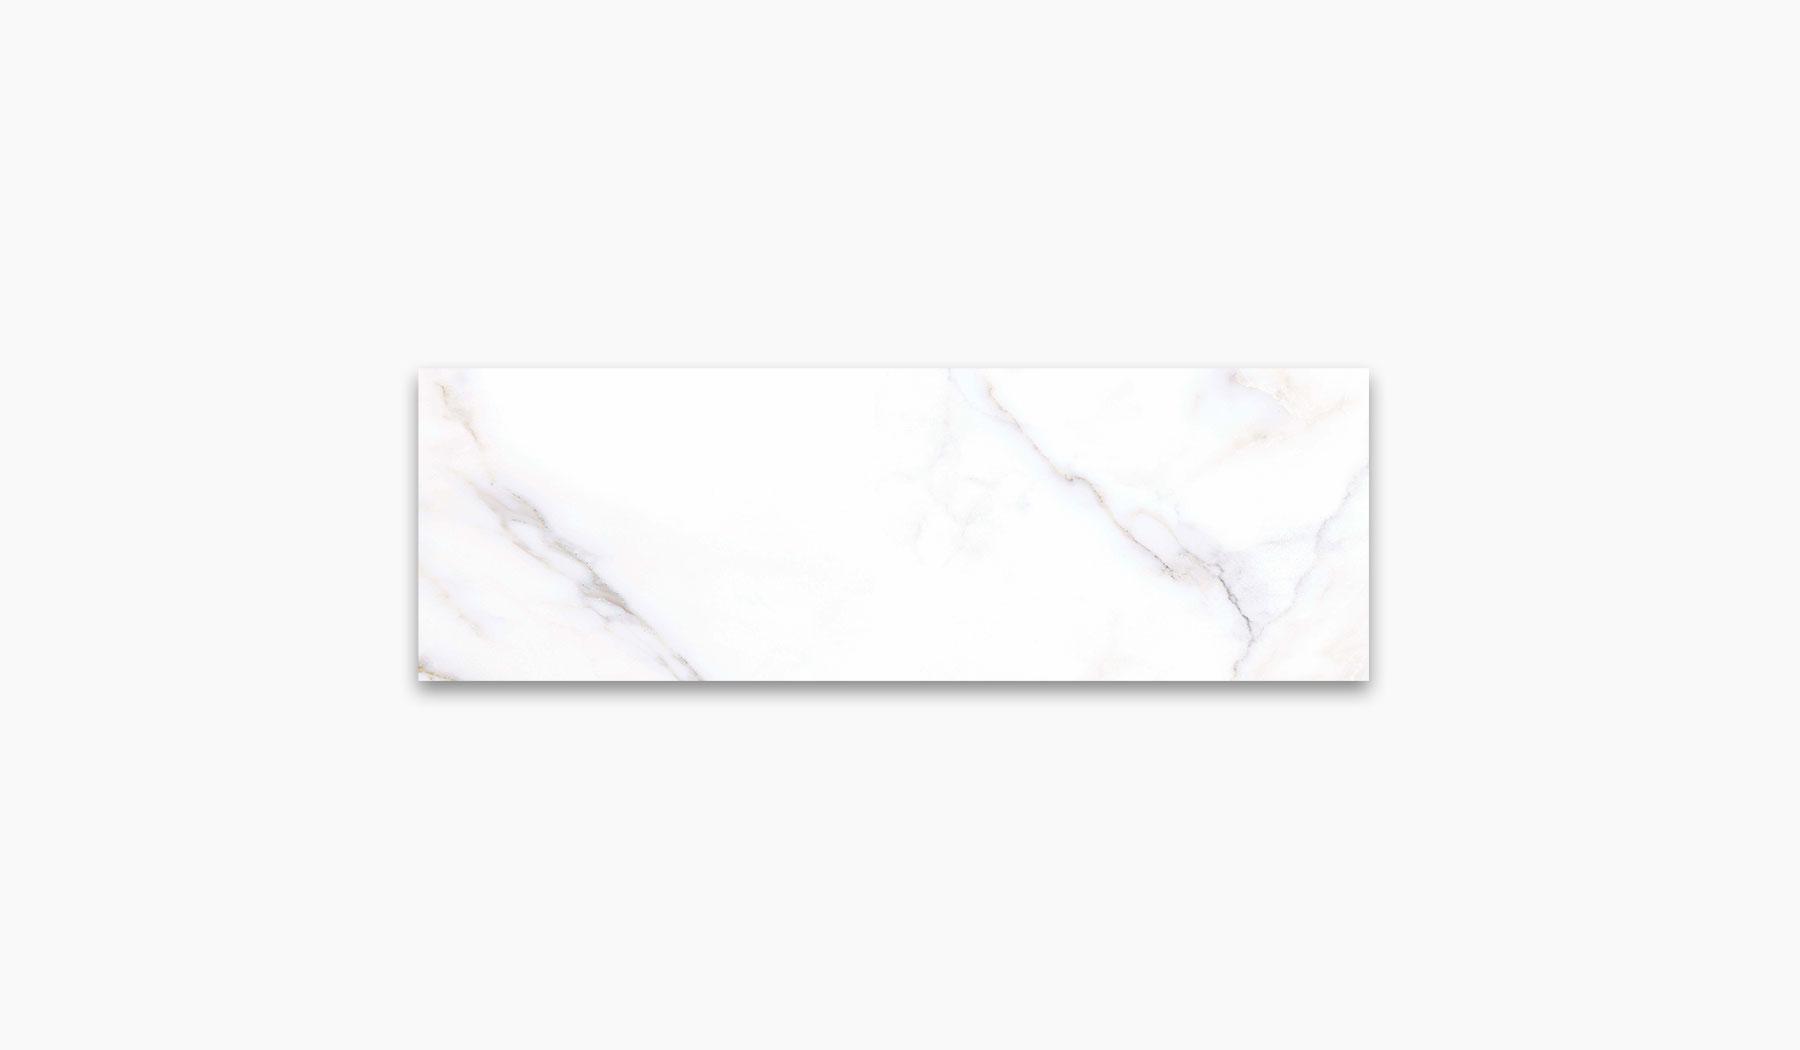 کاشی و سرامیک بوم سرامیک ، کاشی دیوار آلوینو سفید سایز 30*90 لعاب براق صاف با زمینه سنگ